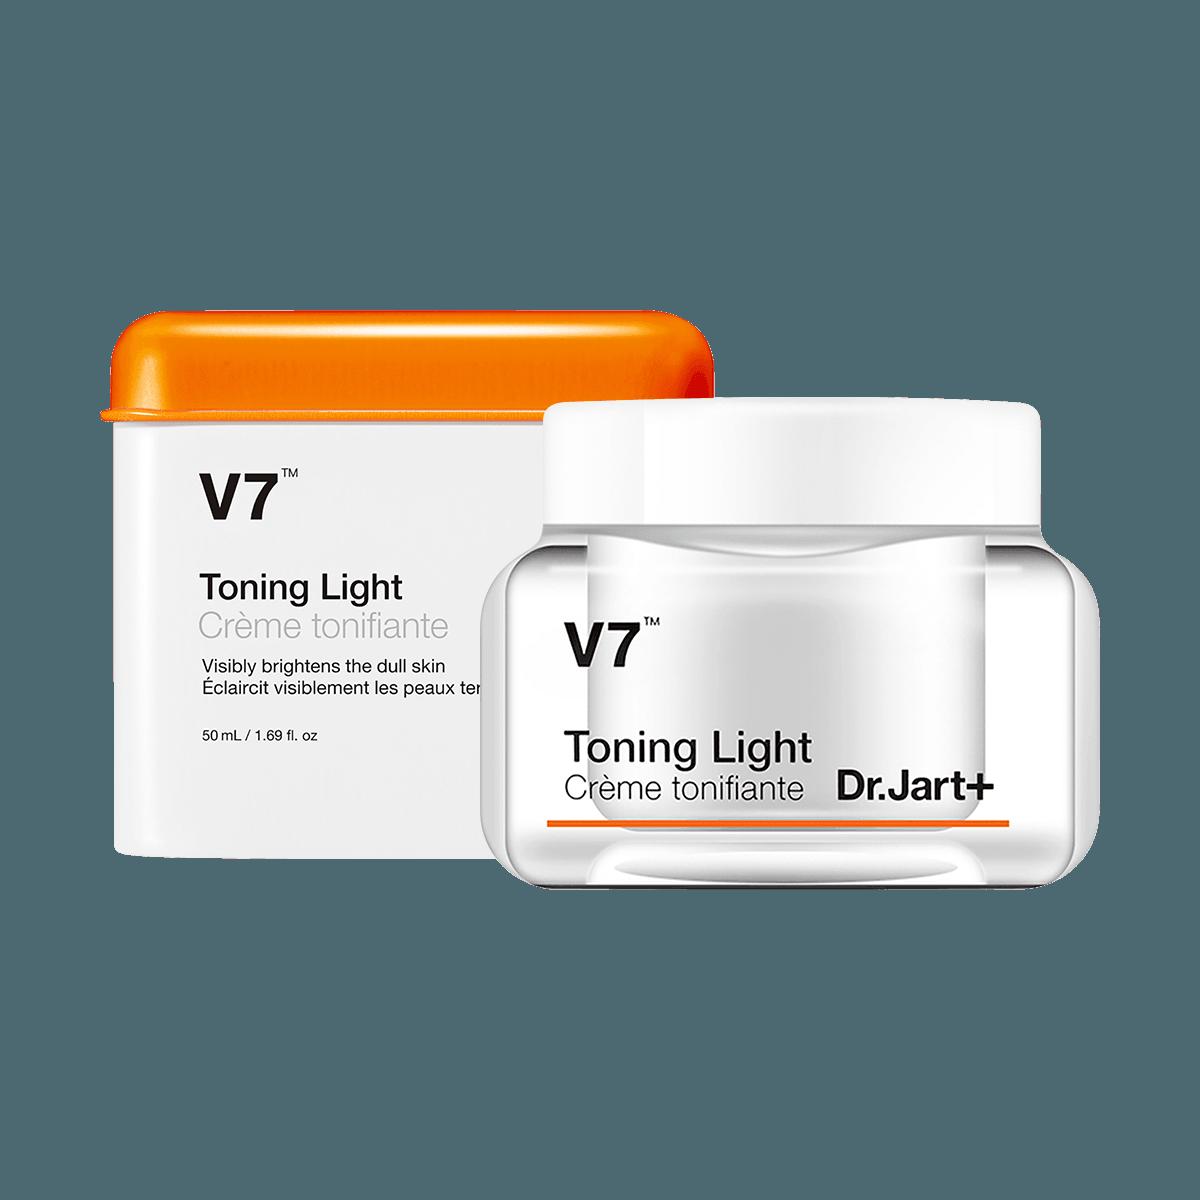 Yamibuy.com:Customer reviews:V7 Toning Light 50ml